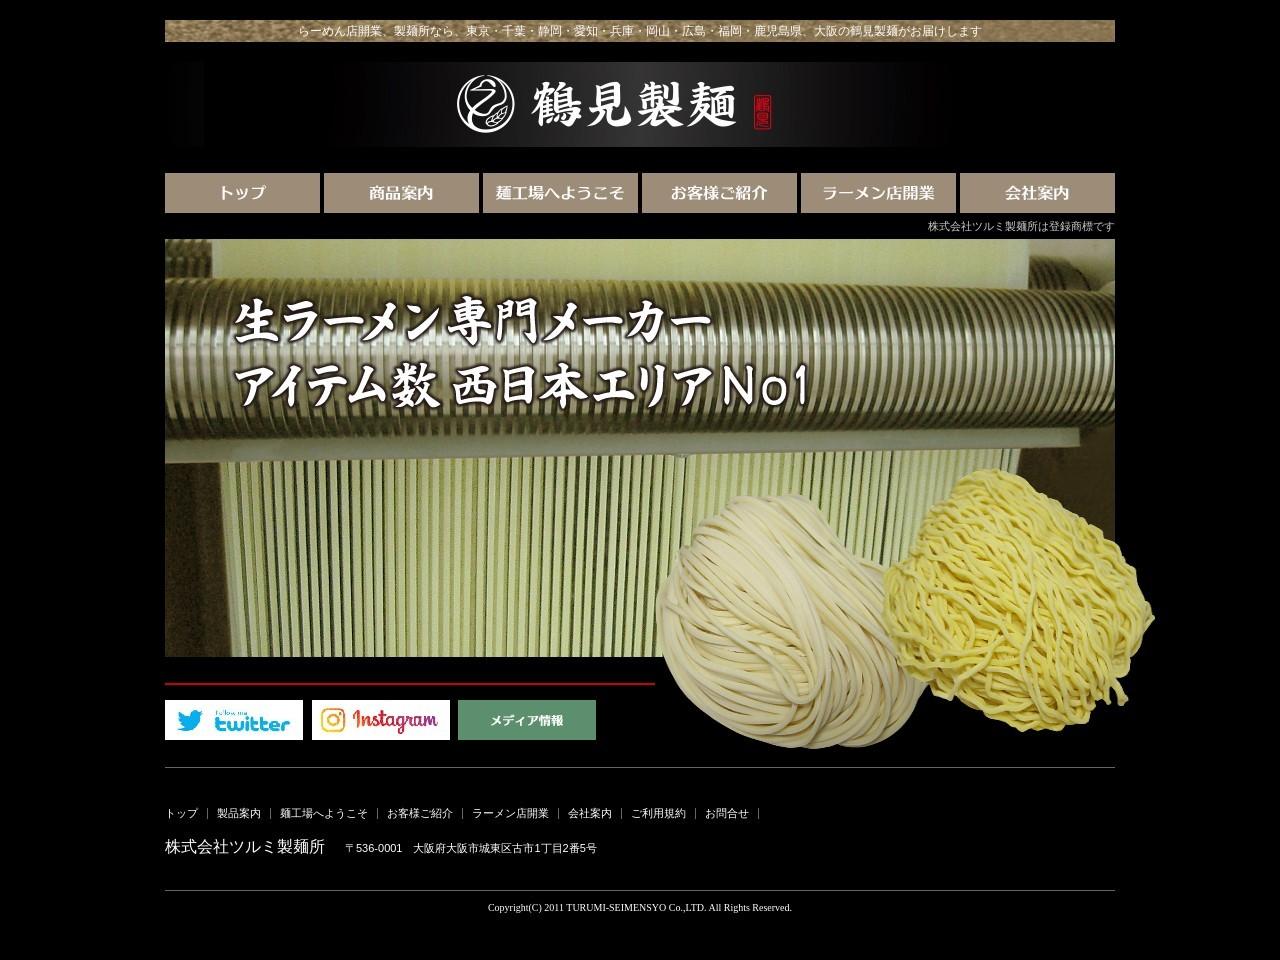 株式会社ツルミ製麺所